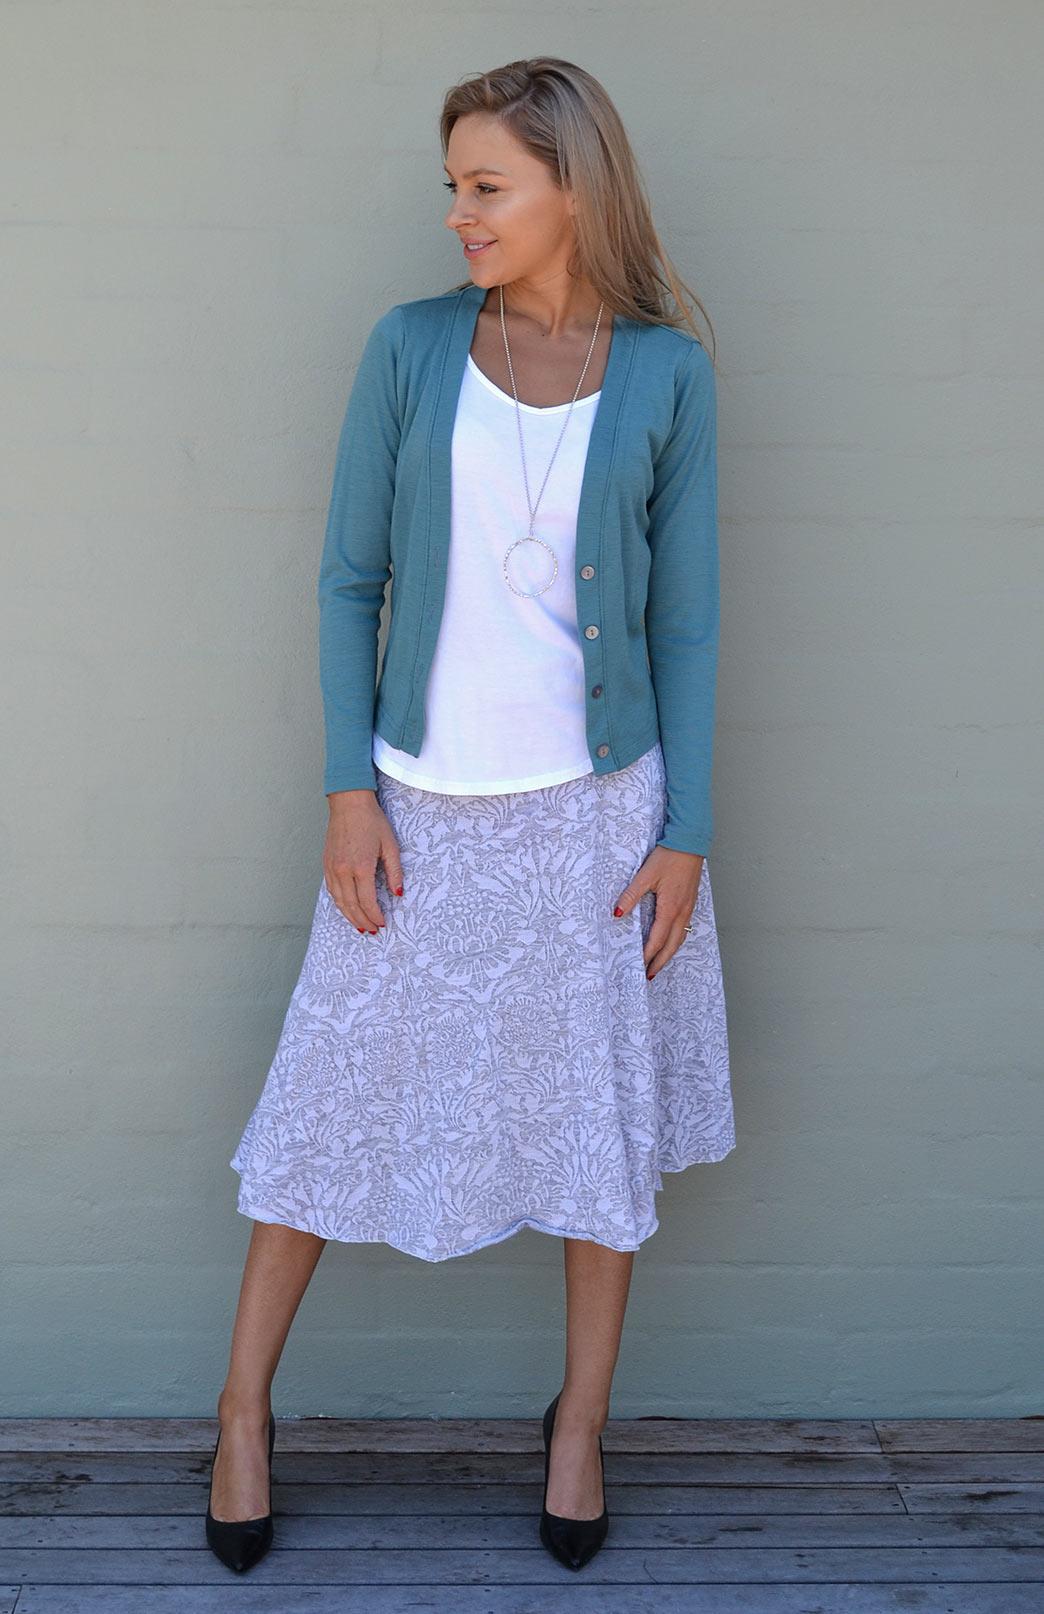 Twirl Skirt - Smitten Merino Tasmania Australia